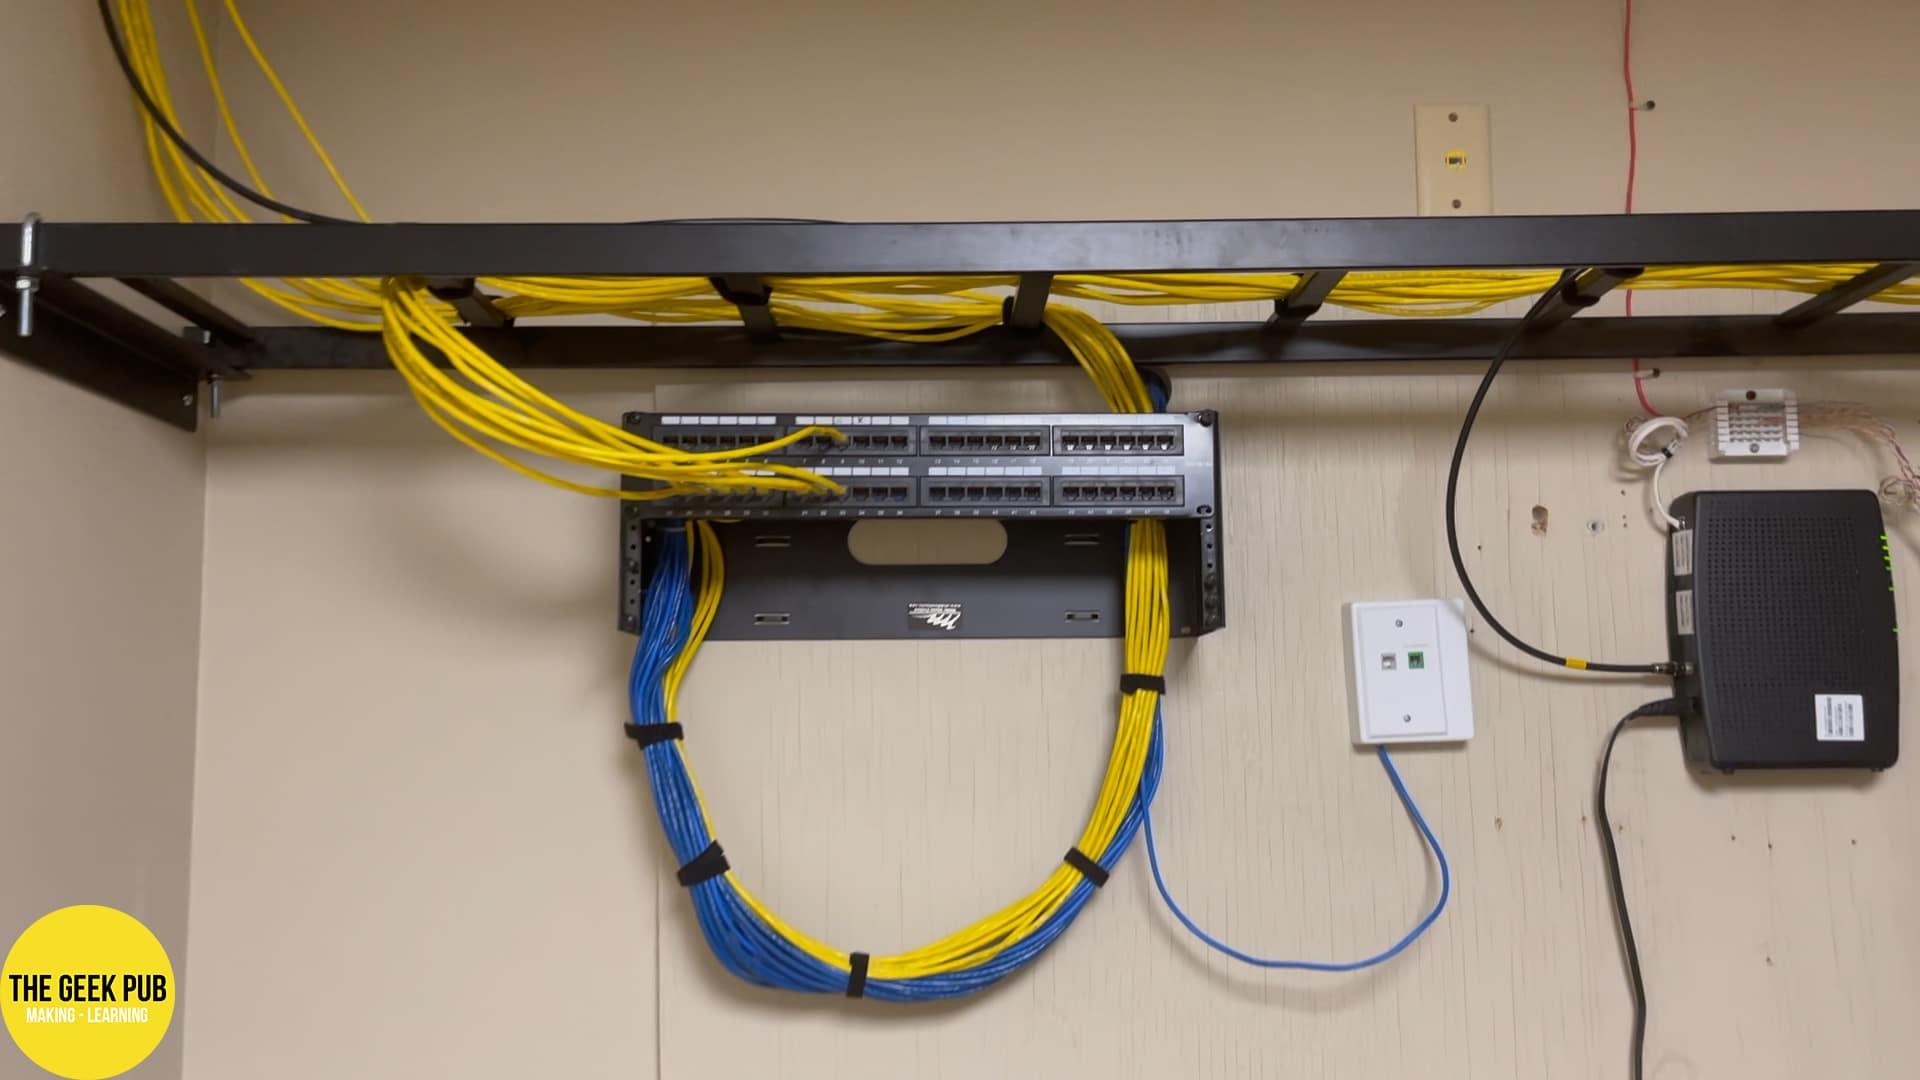 Ladder Rack in Server Room